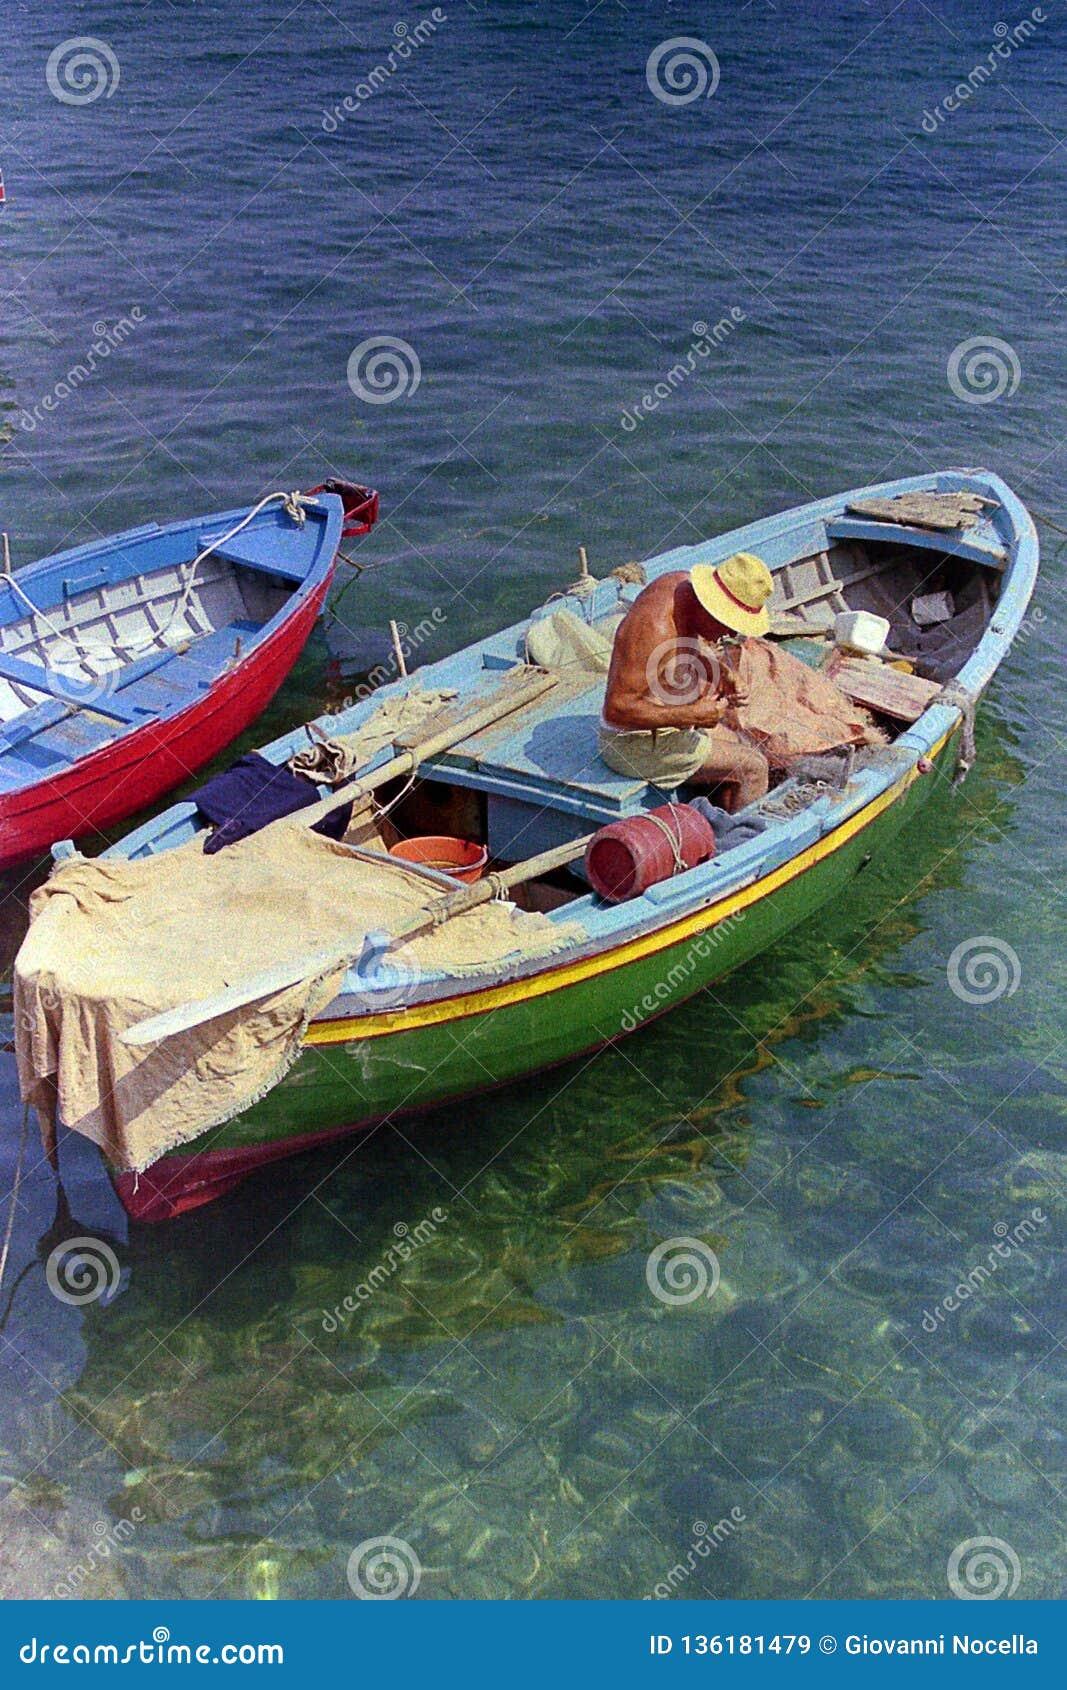 AMALFI, ITALIEN, 1974 - älterer Fischer mit sachverständigen Handreparaturen das Netz auf Fischerboot im schönen Meer von Amalfi